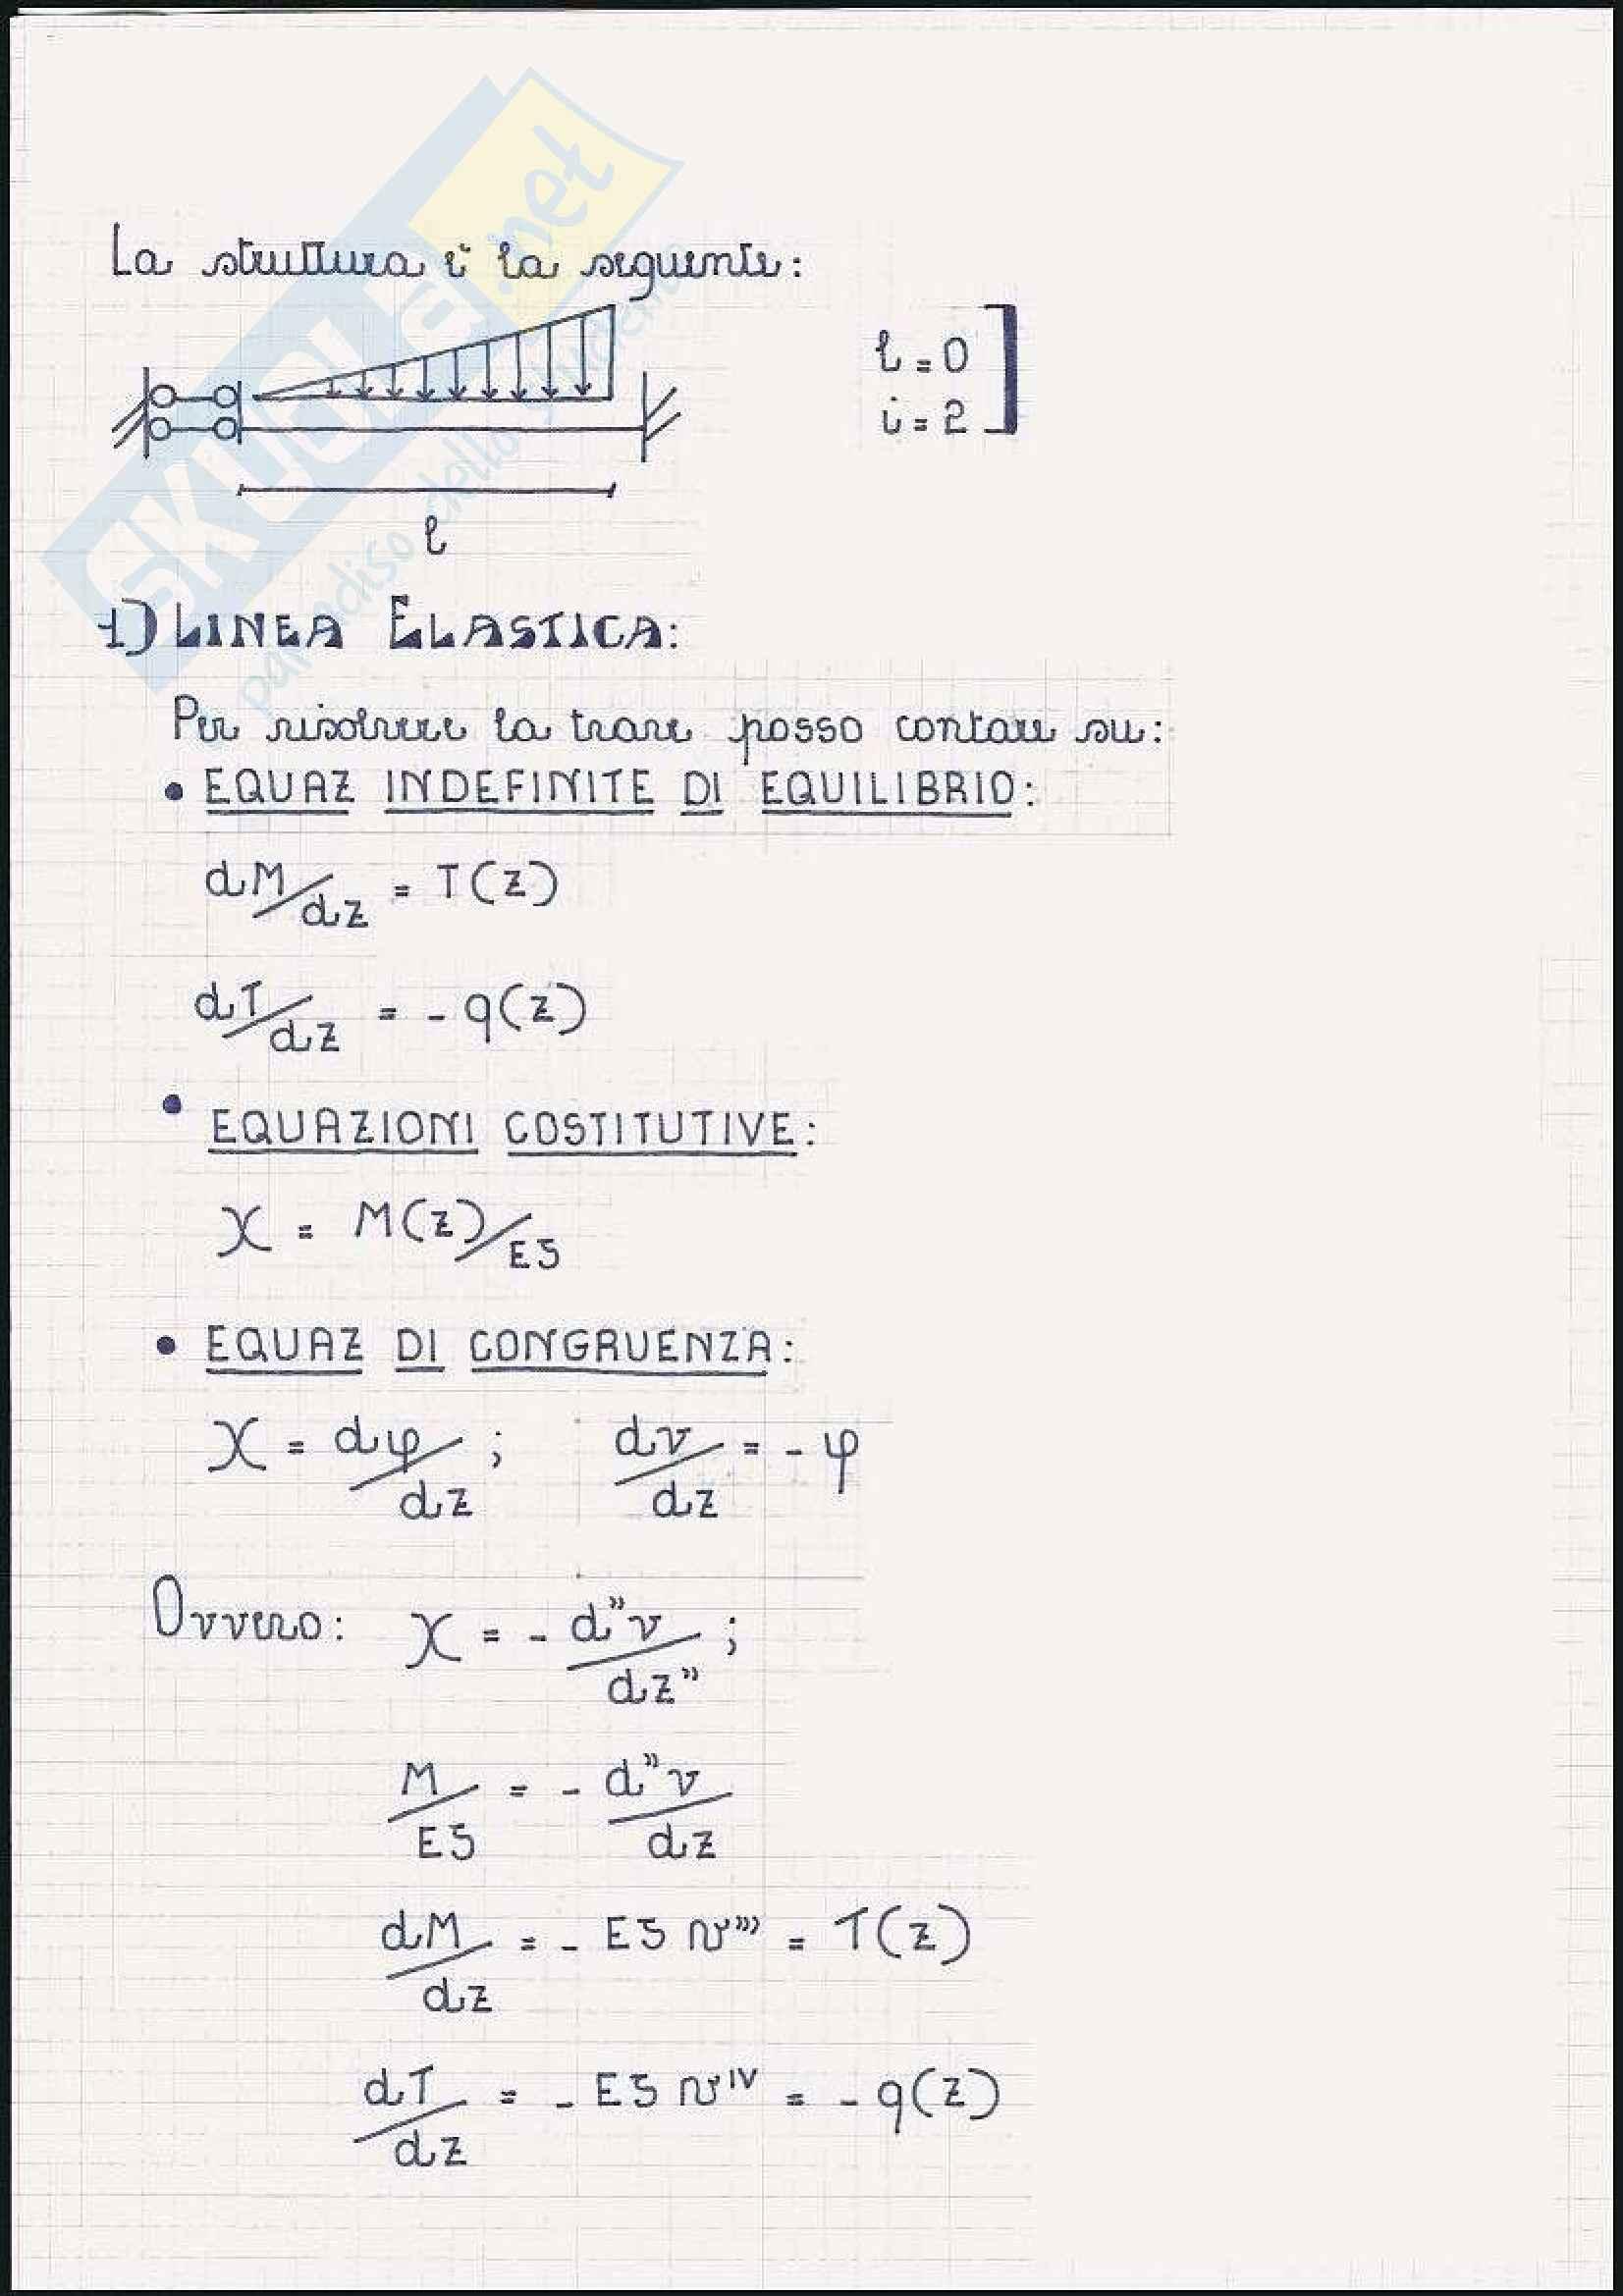 Scienza delle costruzioni - Esercizi sulla linea elastica e Mohr Pag. 2